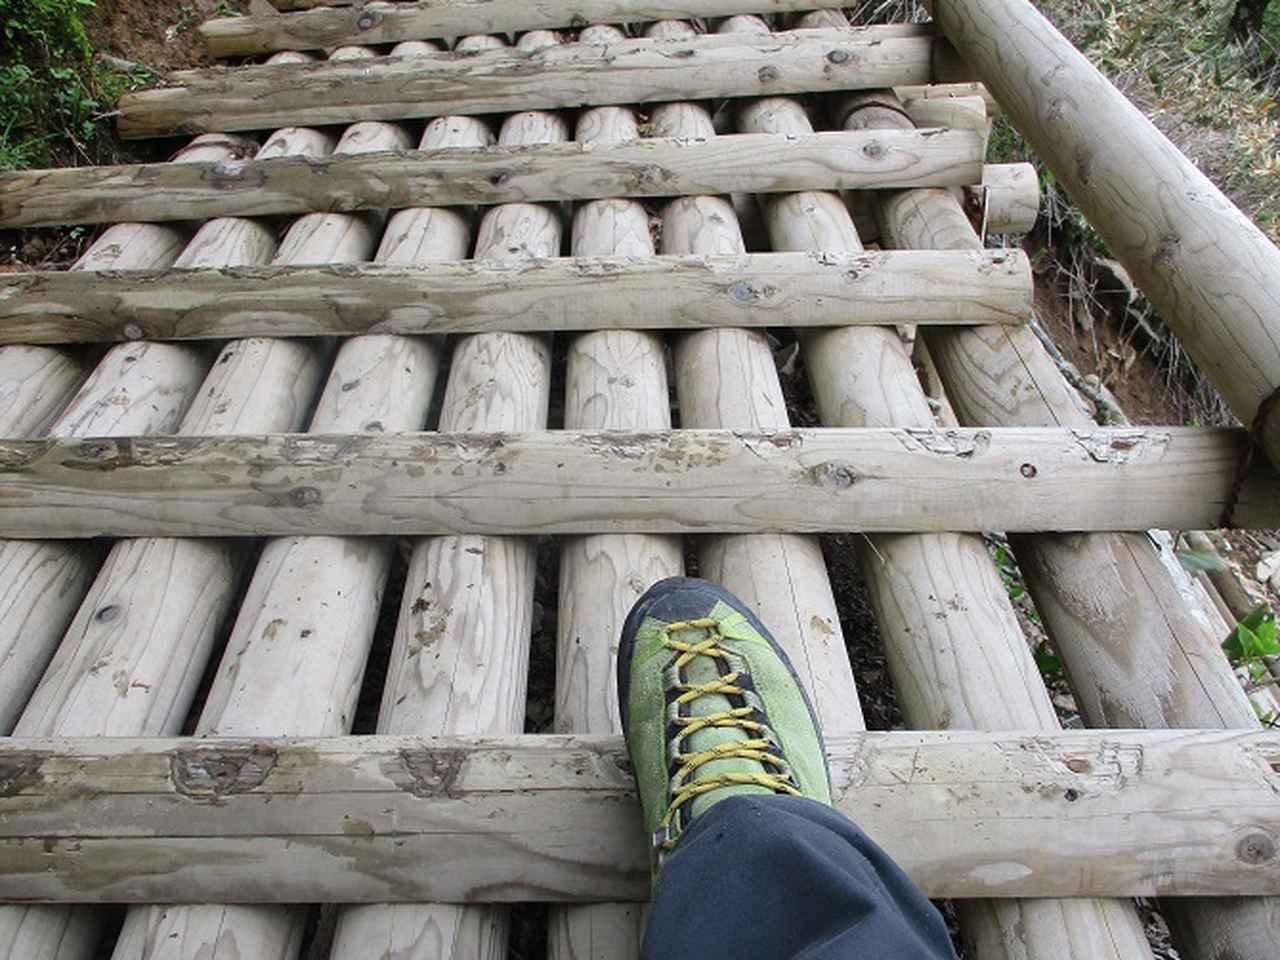 画像3: 5月28日より2泊3日で山旅会 「石鎚山と剣山」 ツアーに行ってきました!